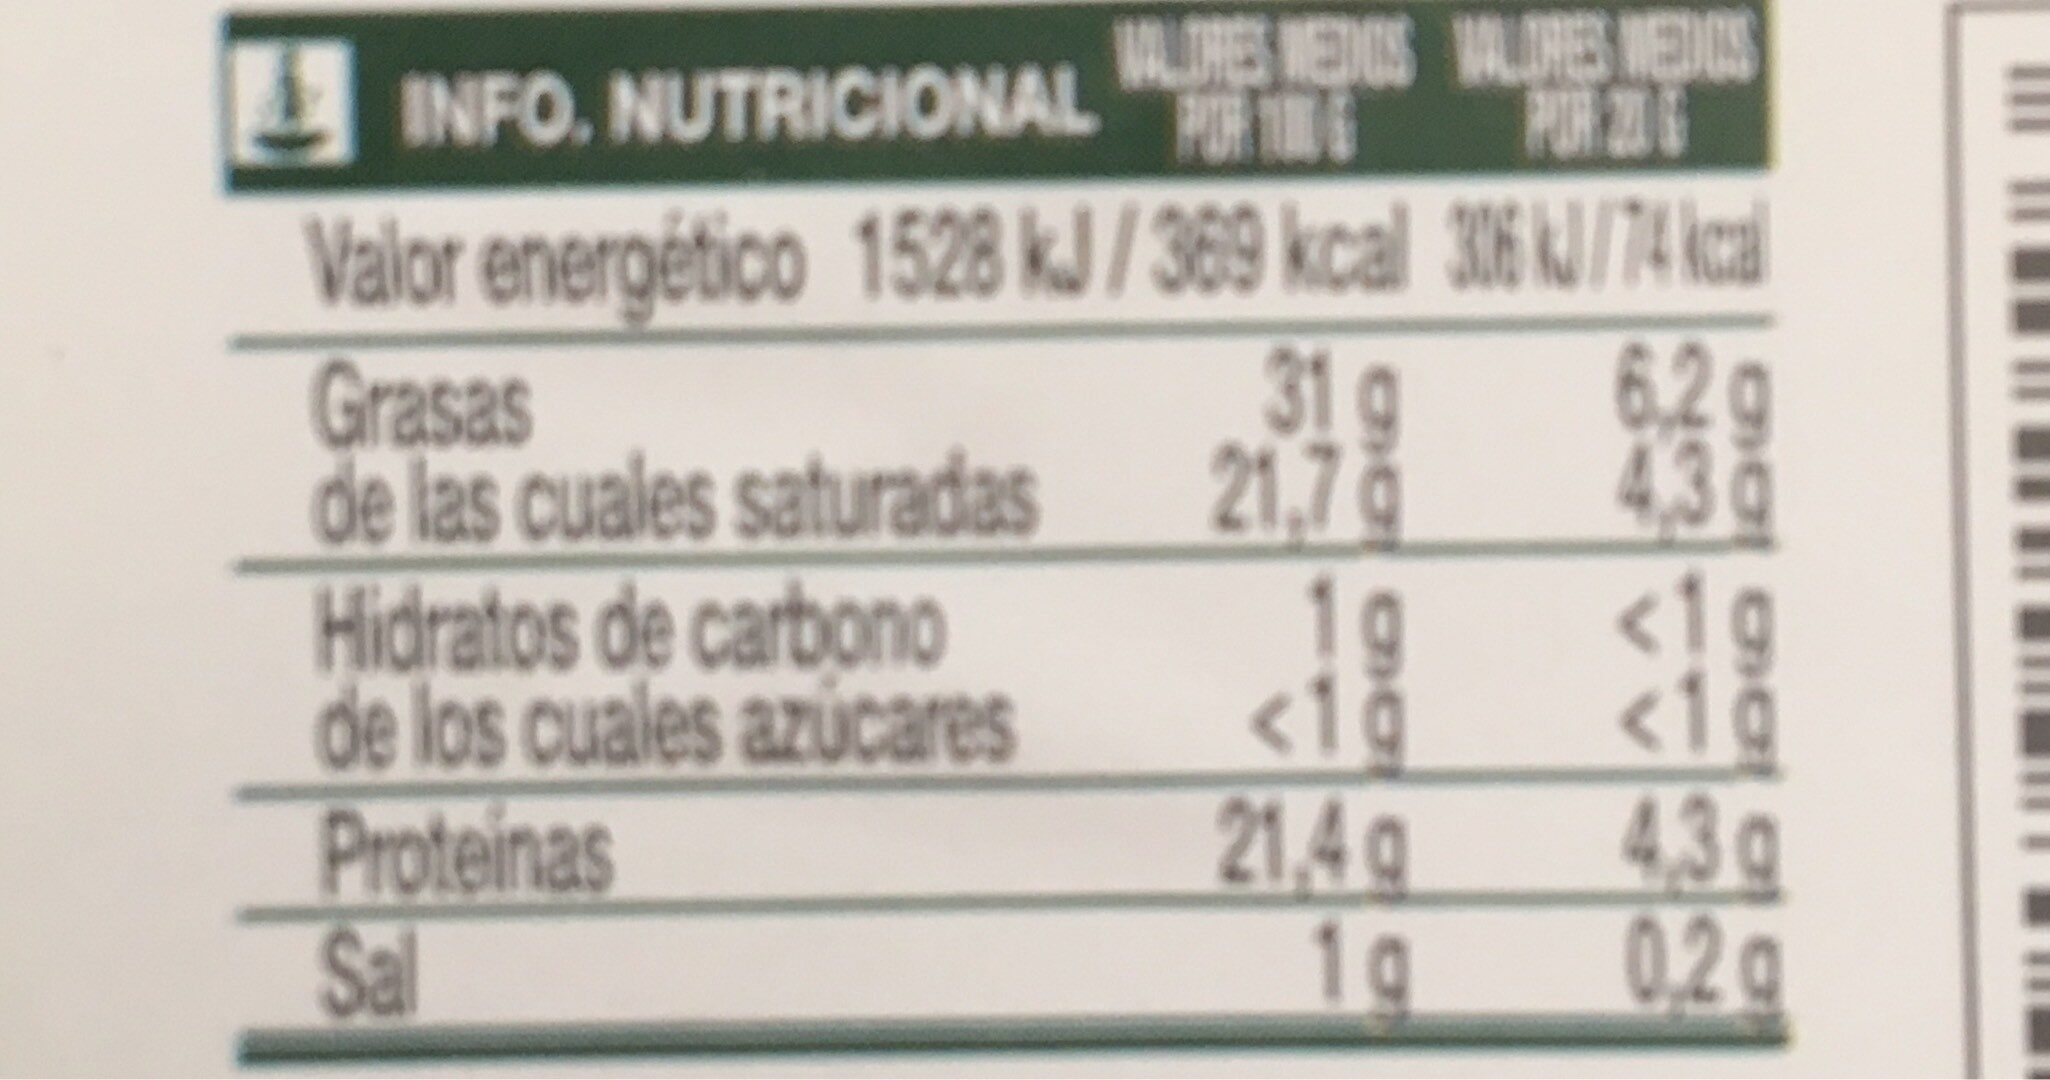 Quedo mezcla semicurado en lonchas - Nutrition facts